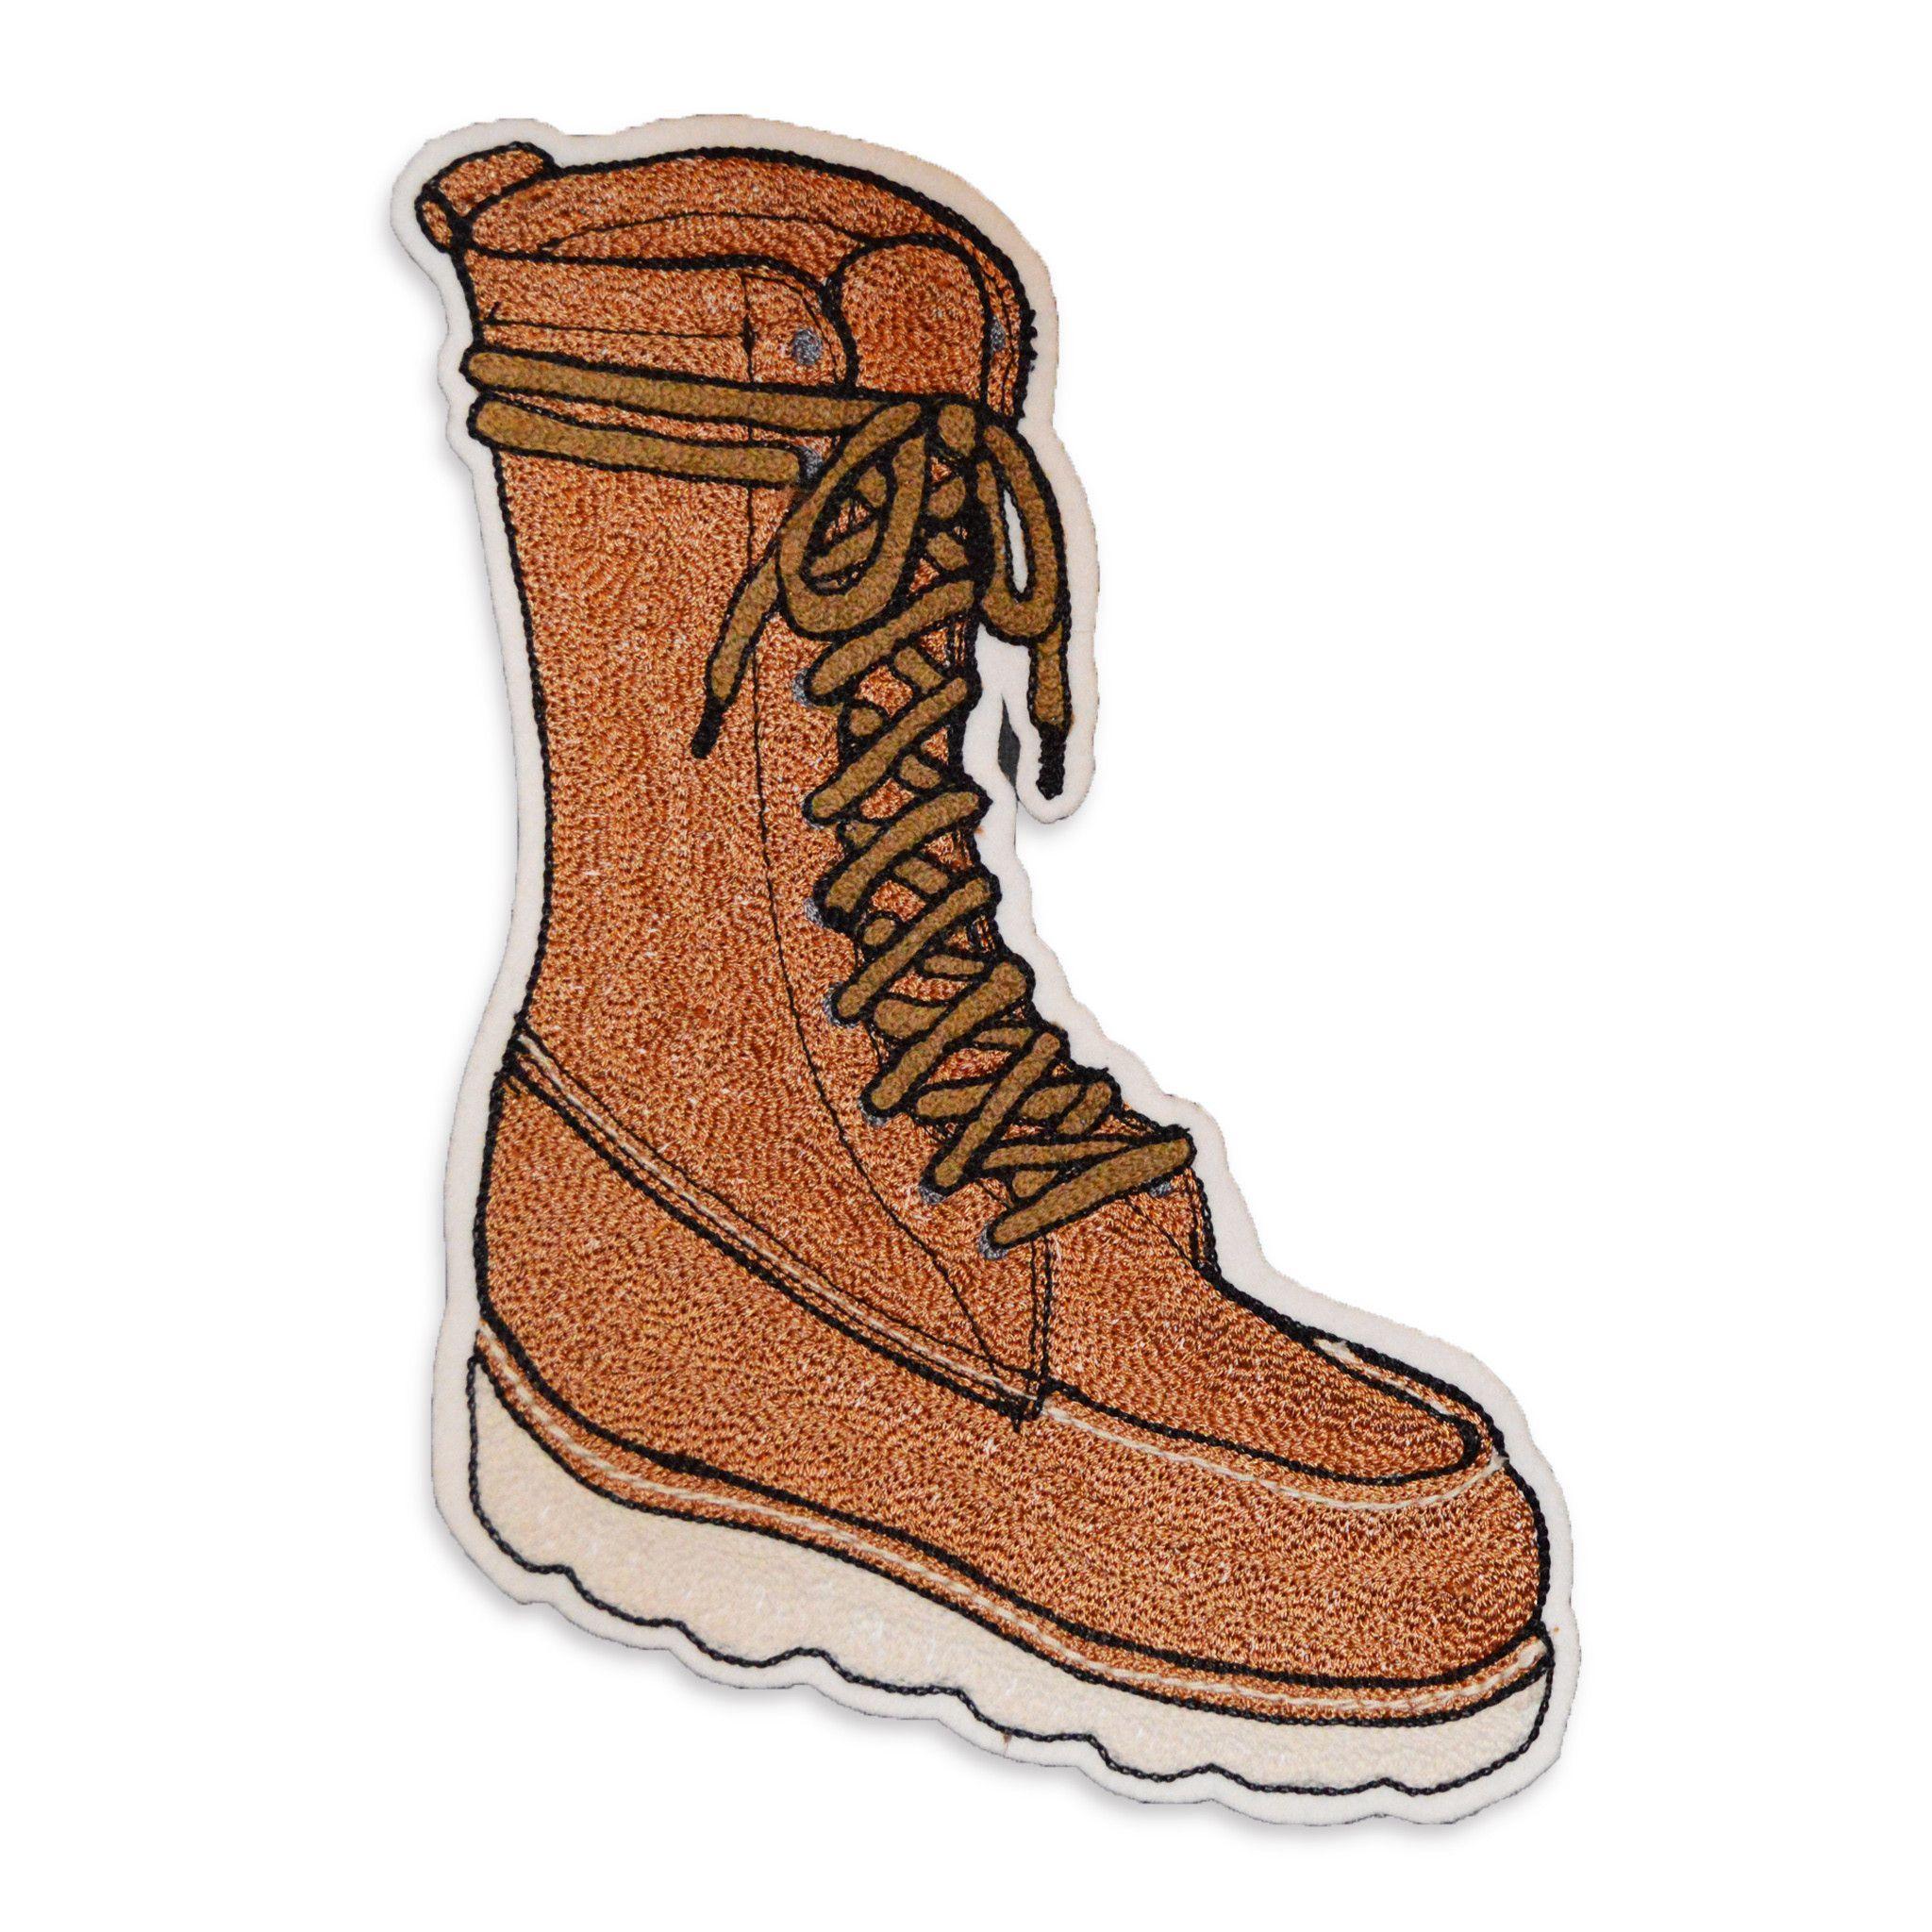 Chain Stitch Patch- Dixon Rand x Boothunter 877/Irish Setter Boot